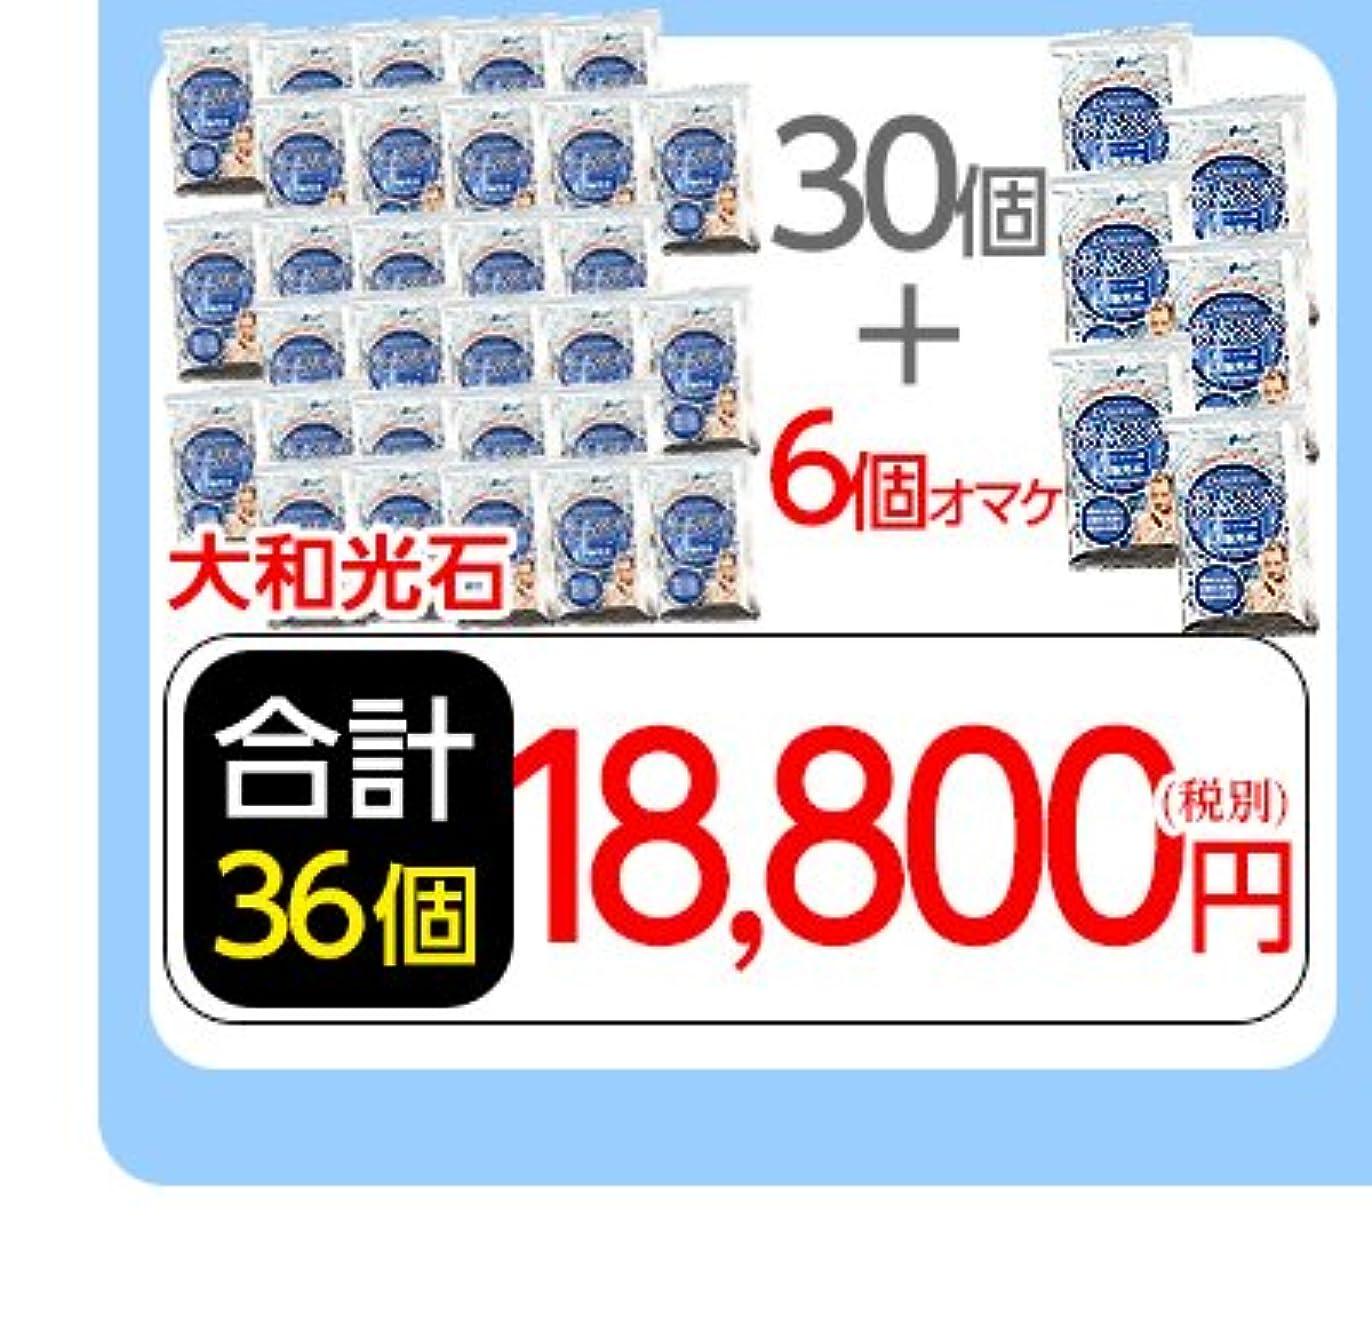 オーナー承認自分自身デトキシャン水素スパ☆大和光石30個+6個オマケ